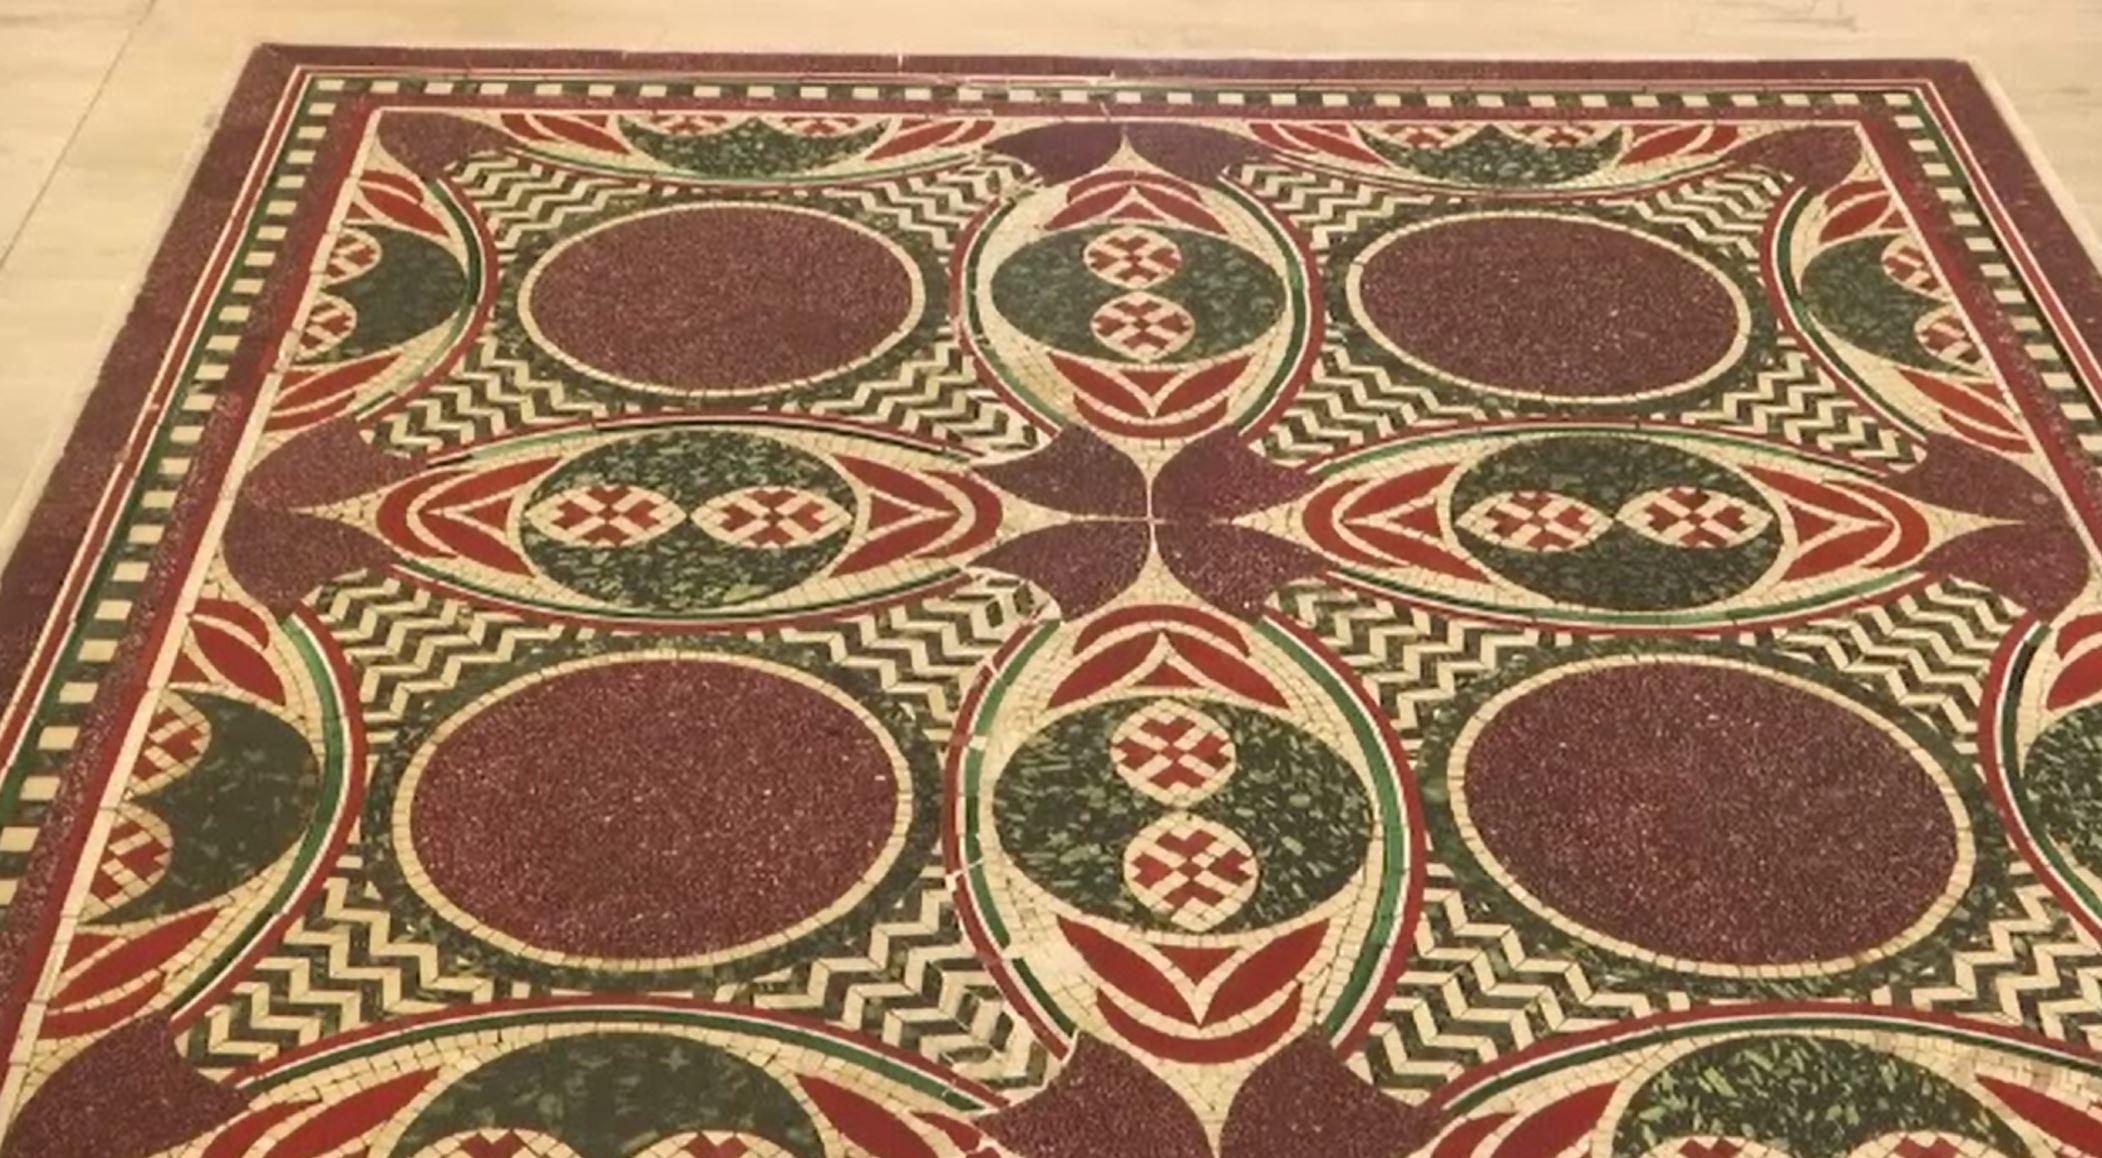 Povestea unui mozaic realizat pentru împăratul Caligula. A zăcut pe fundul apelor, apoi a devenit măsuță de cafea